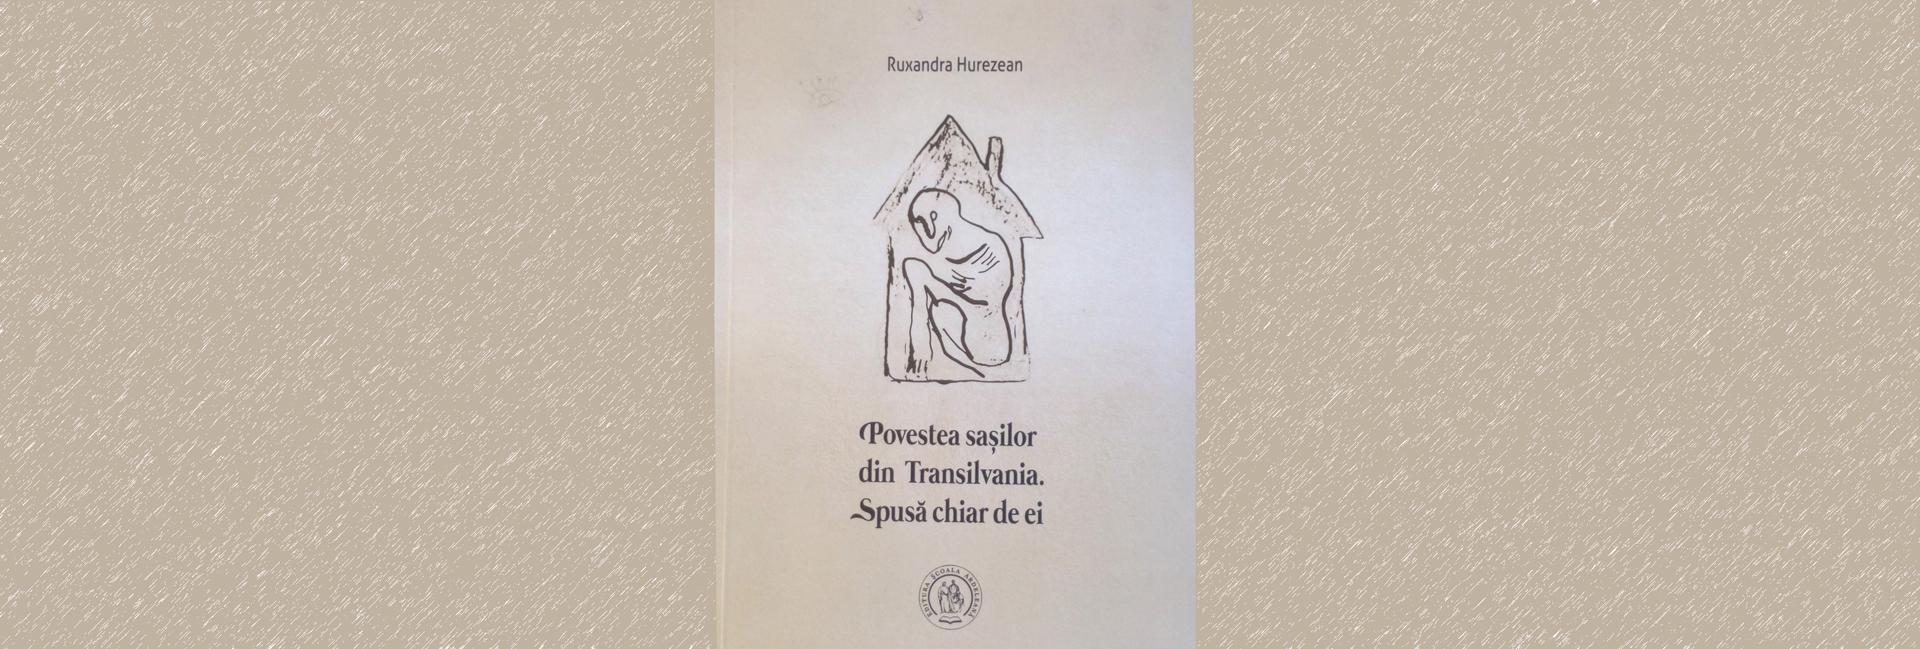 Povestea sașilor din Transilvania de Ruxandra Hurezean. Istorie și mărturii slider